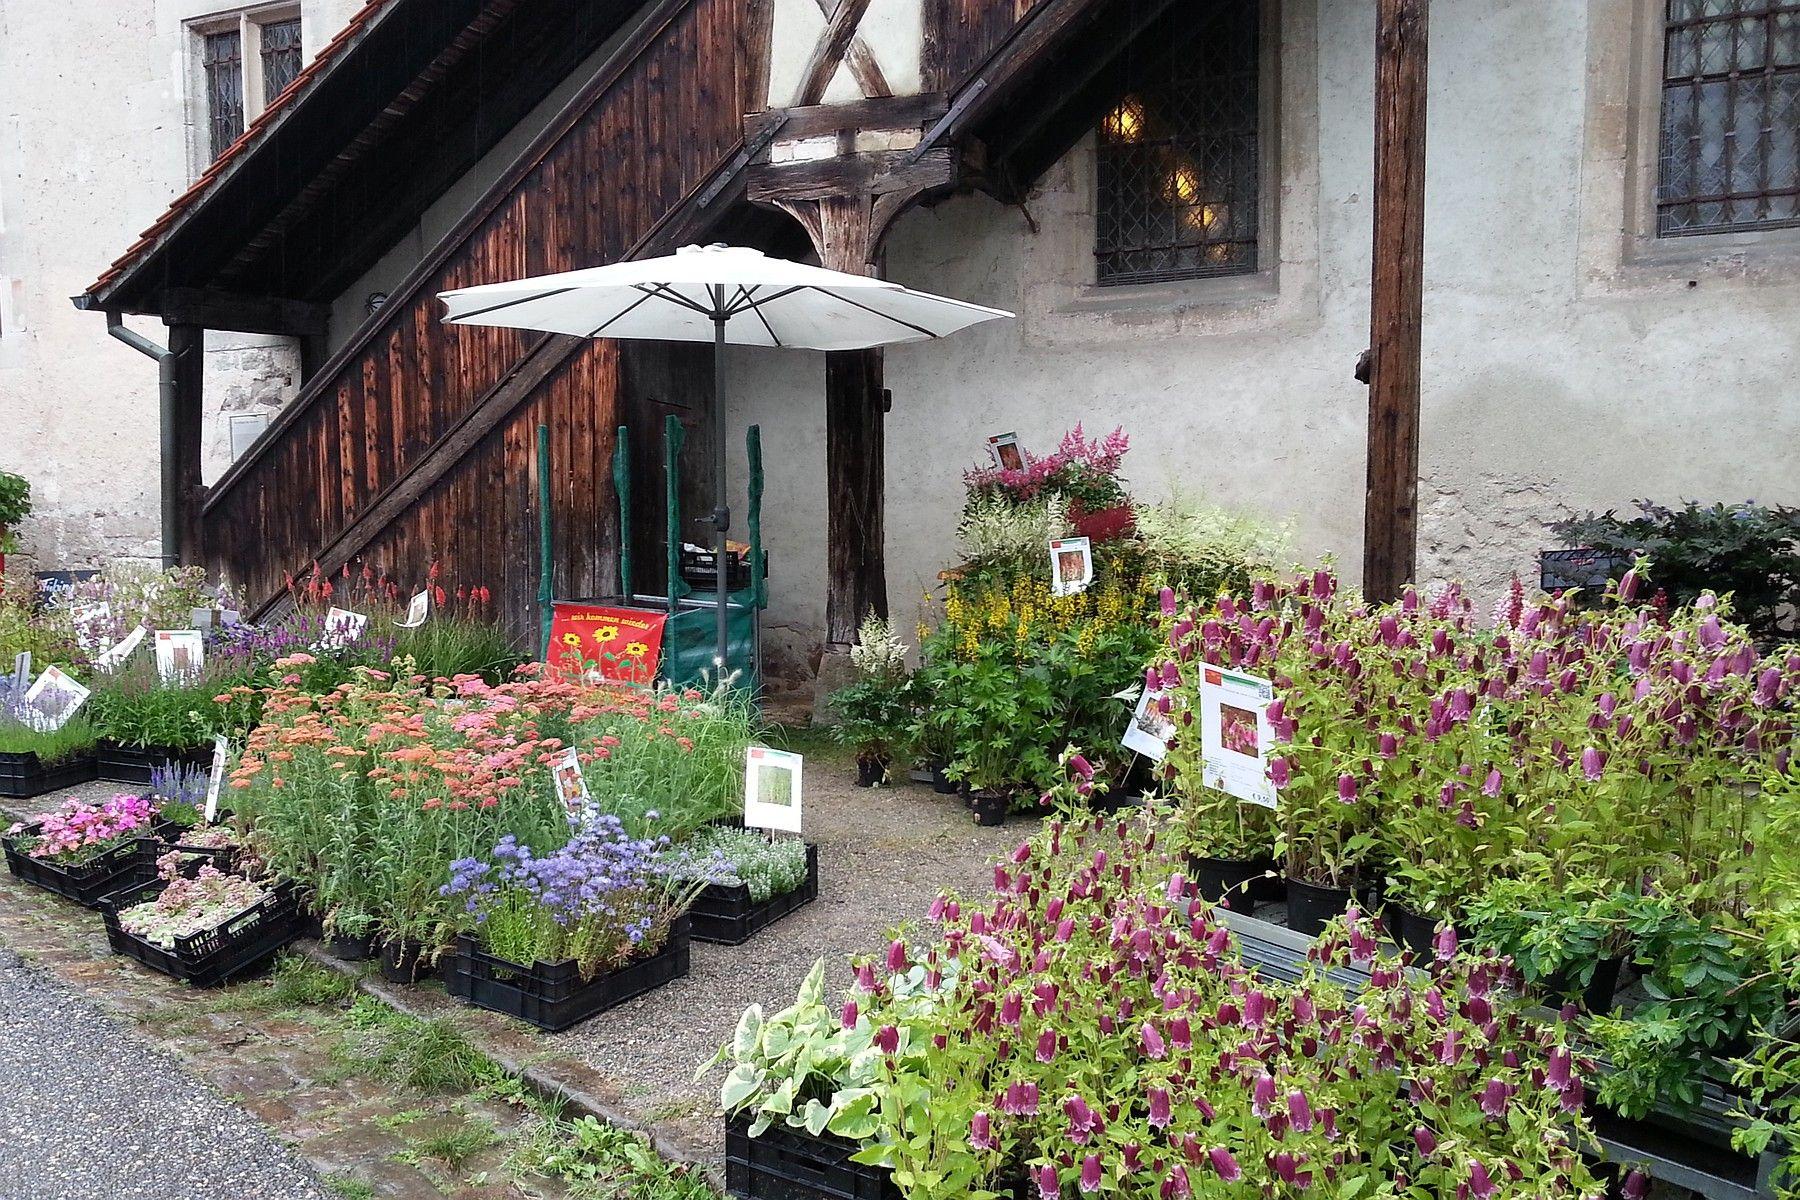 Messe, Markt, Pflanzenbörse 08